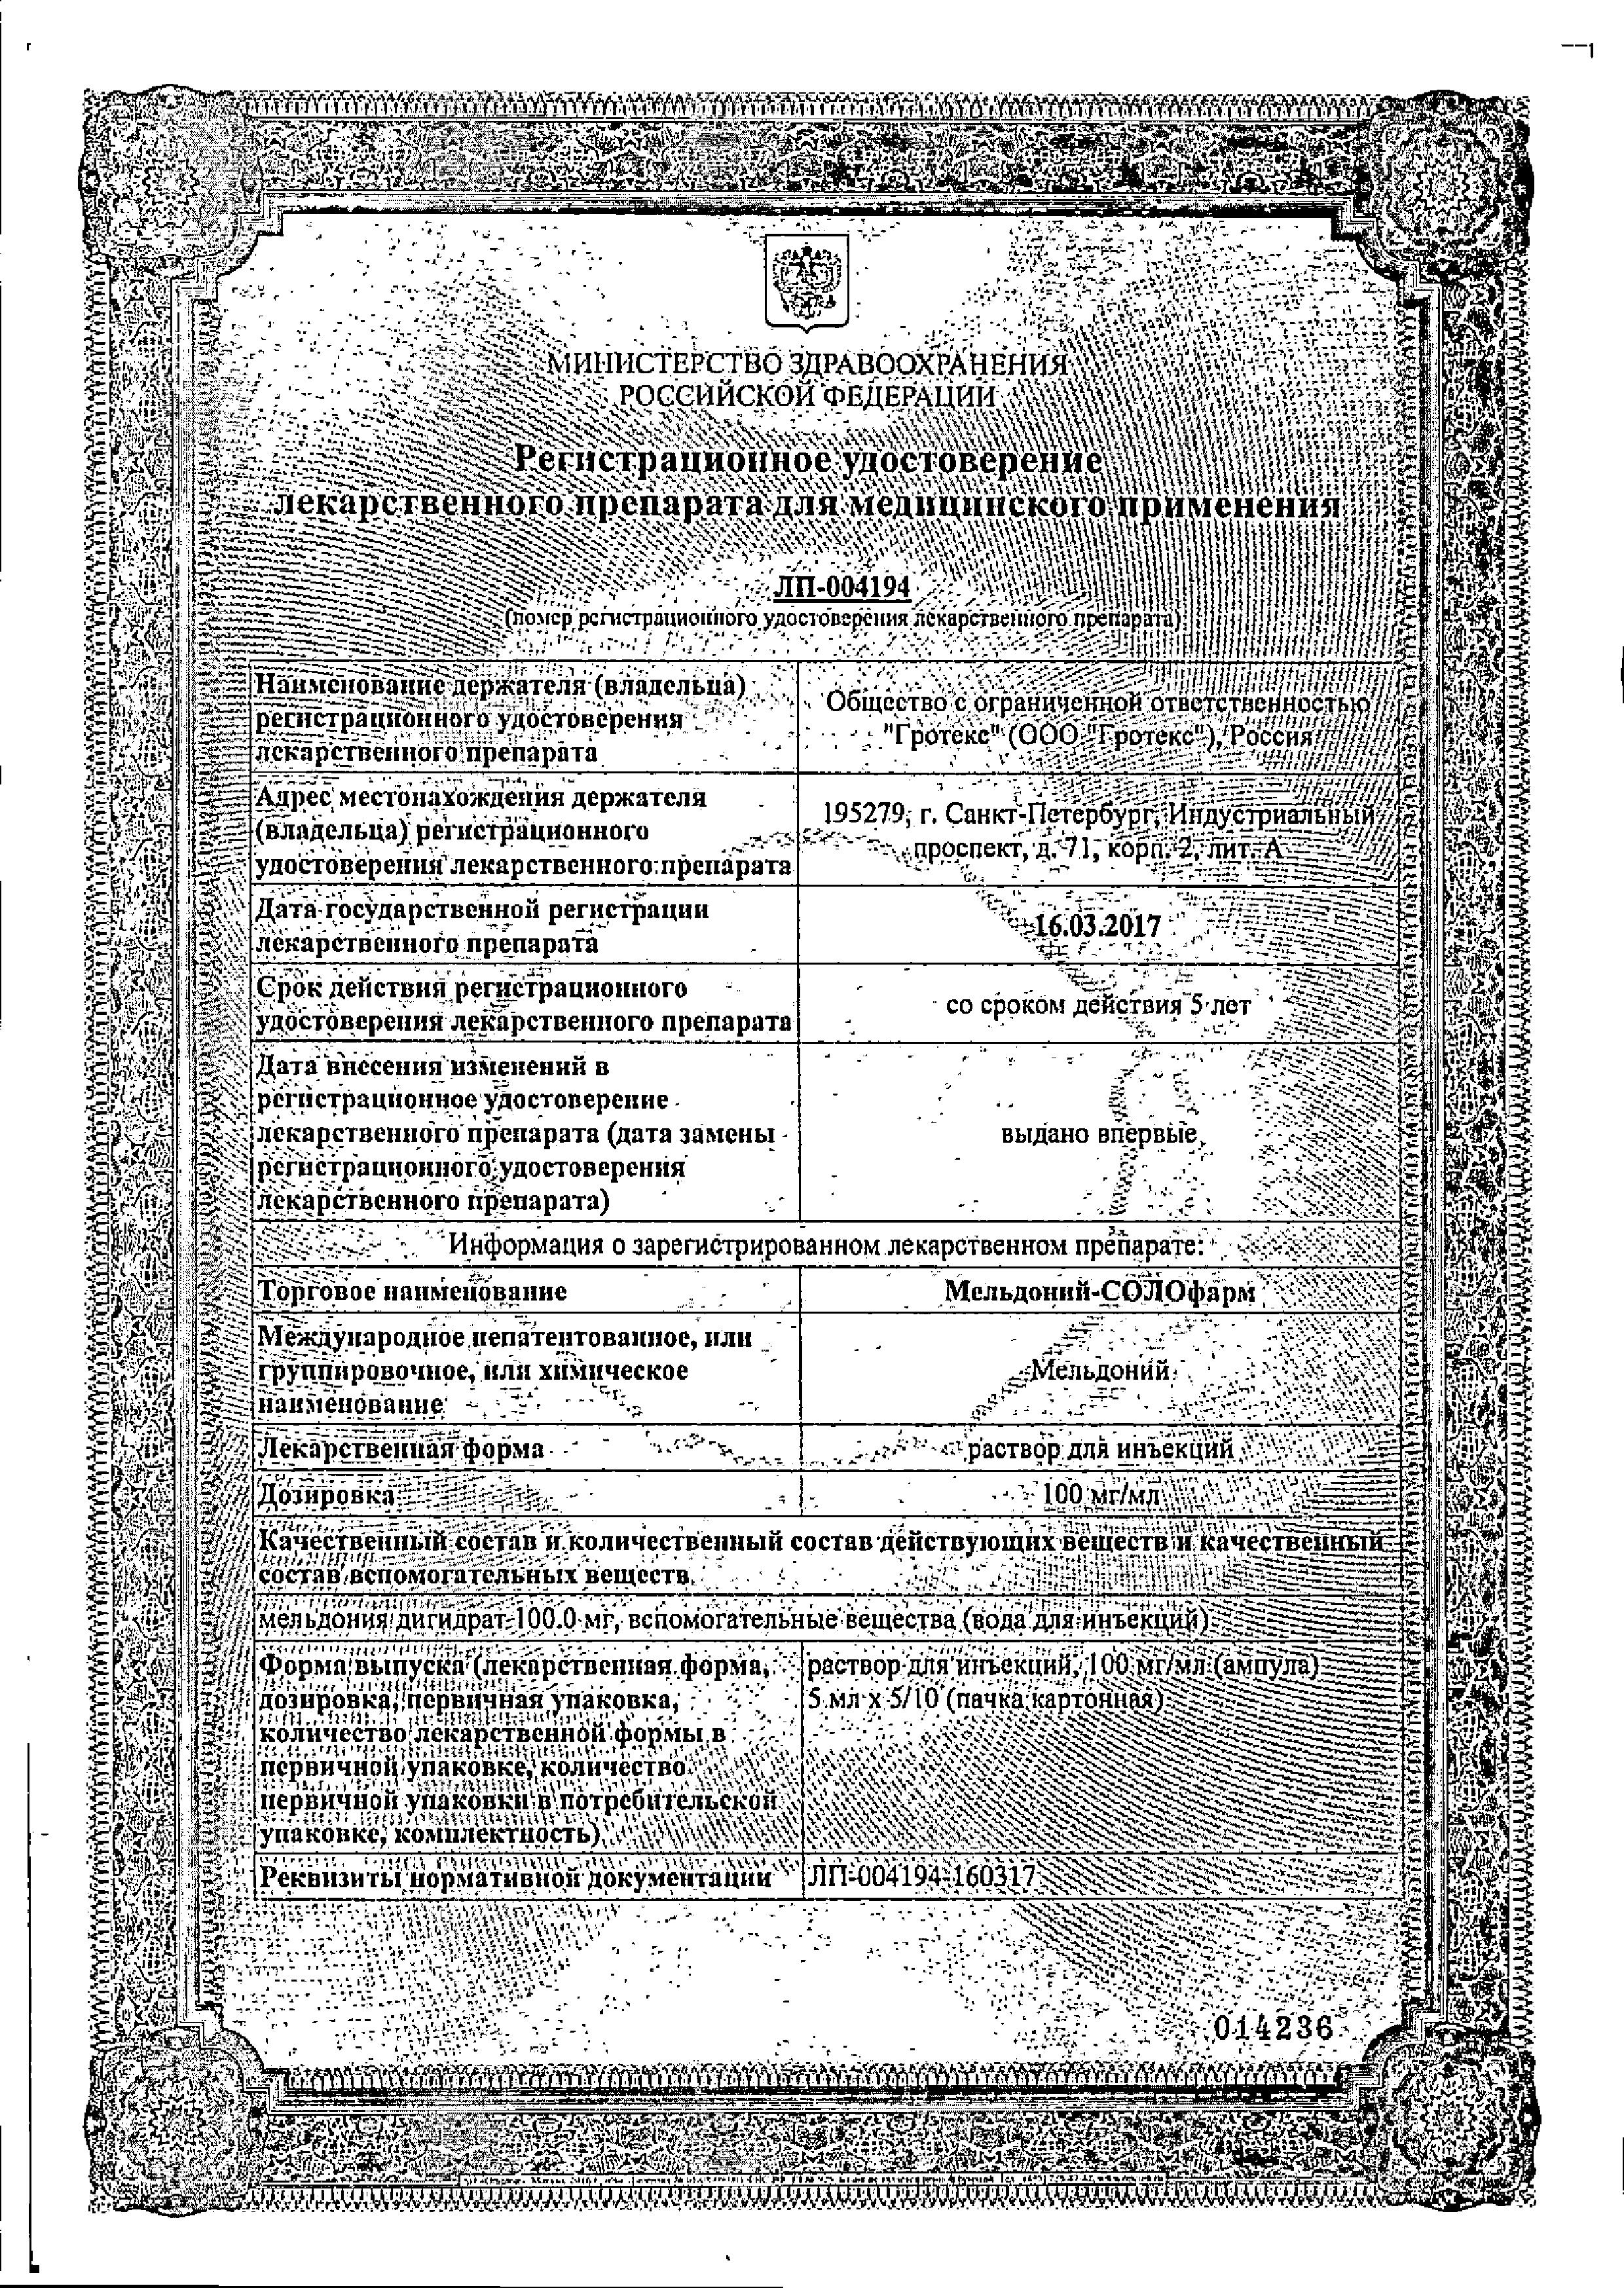 Мельдоний-СОЛОфарм сертификат